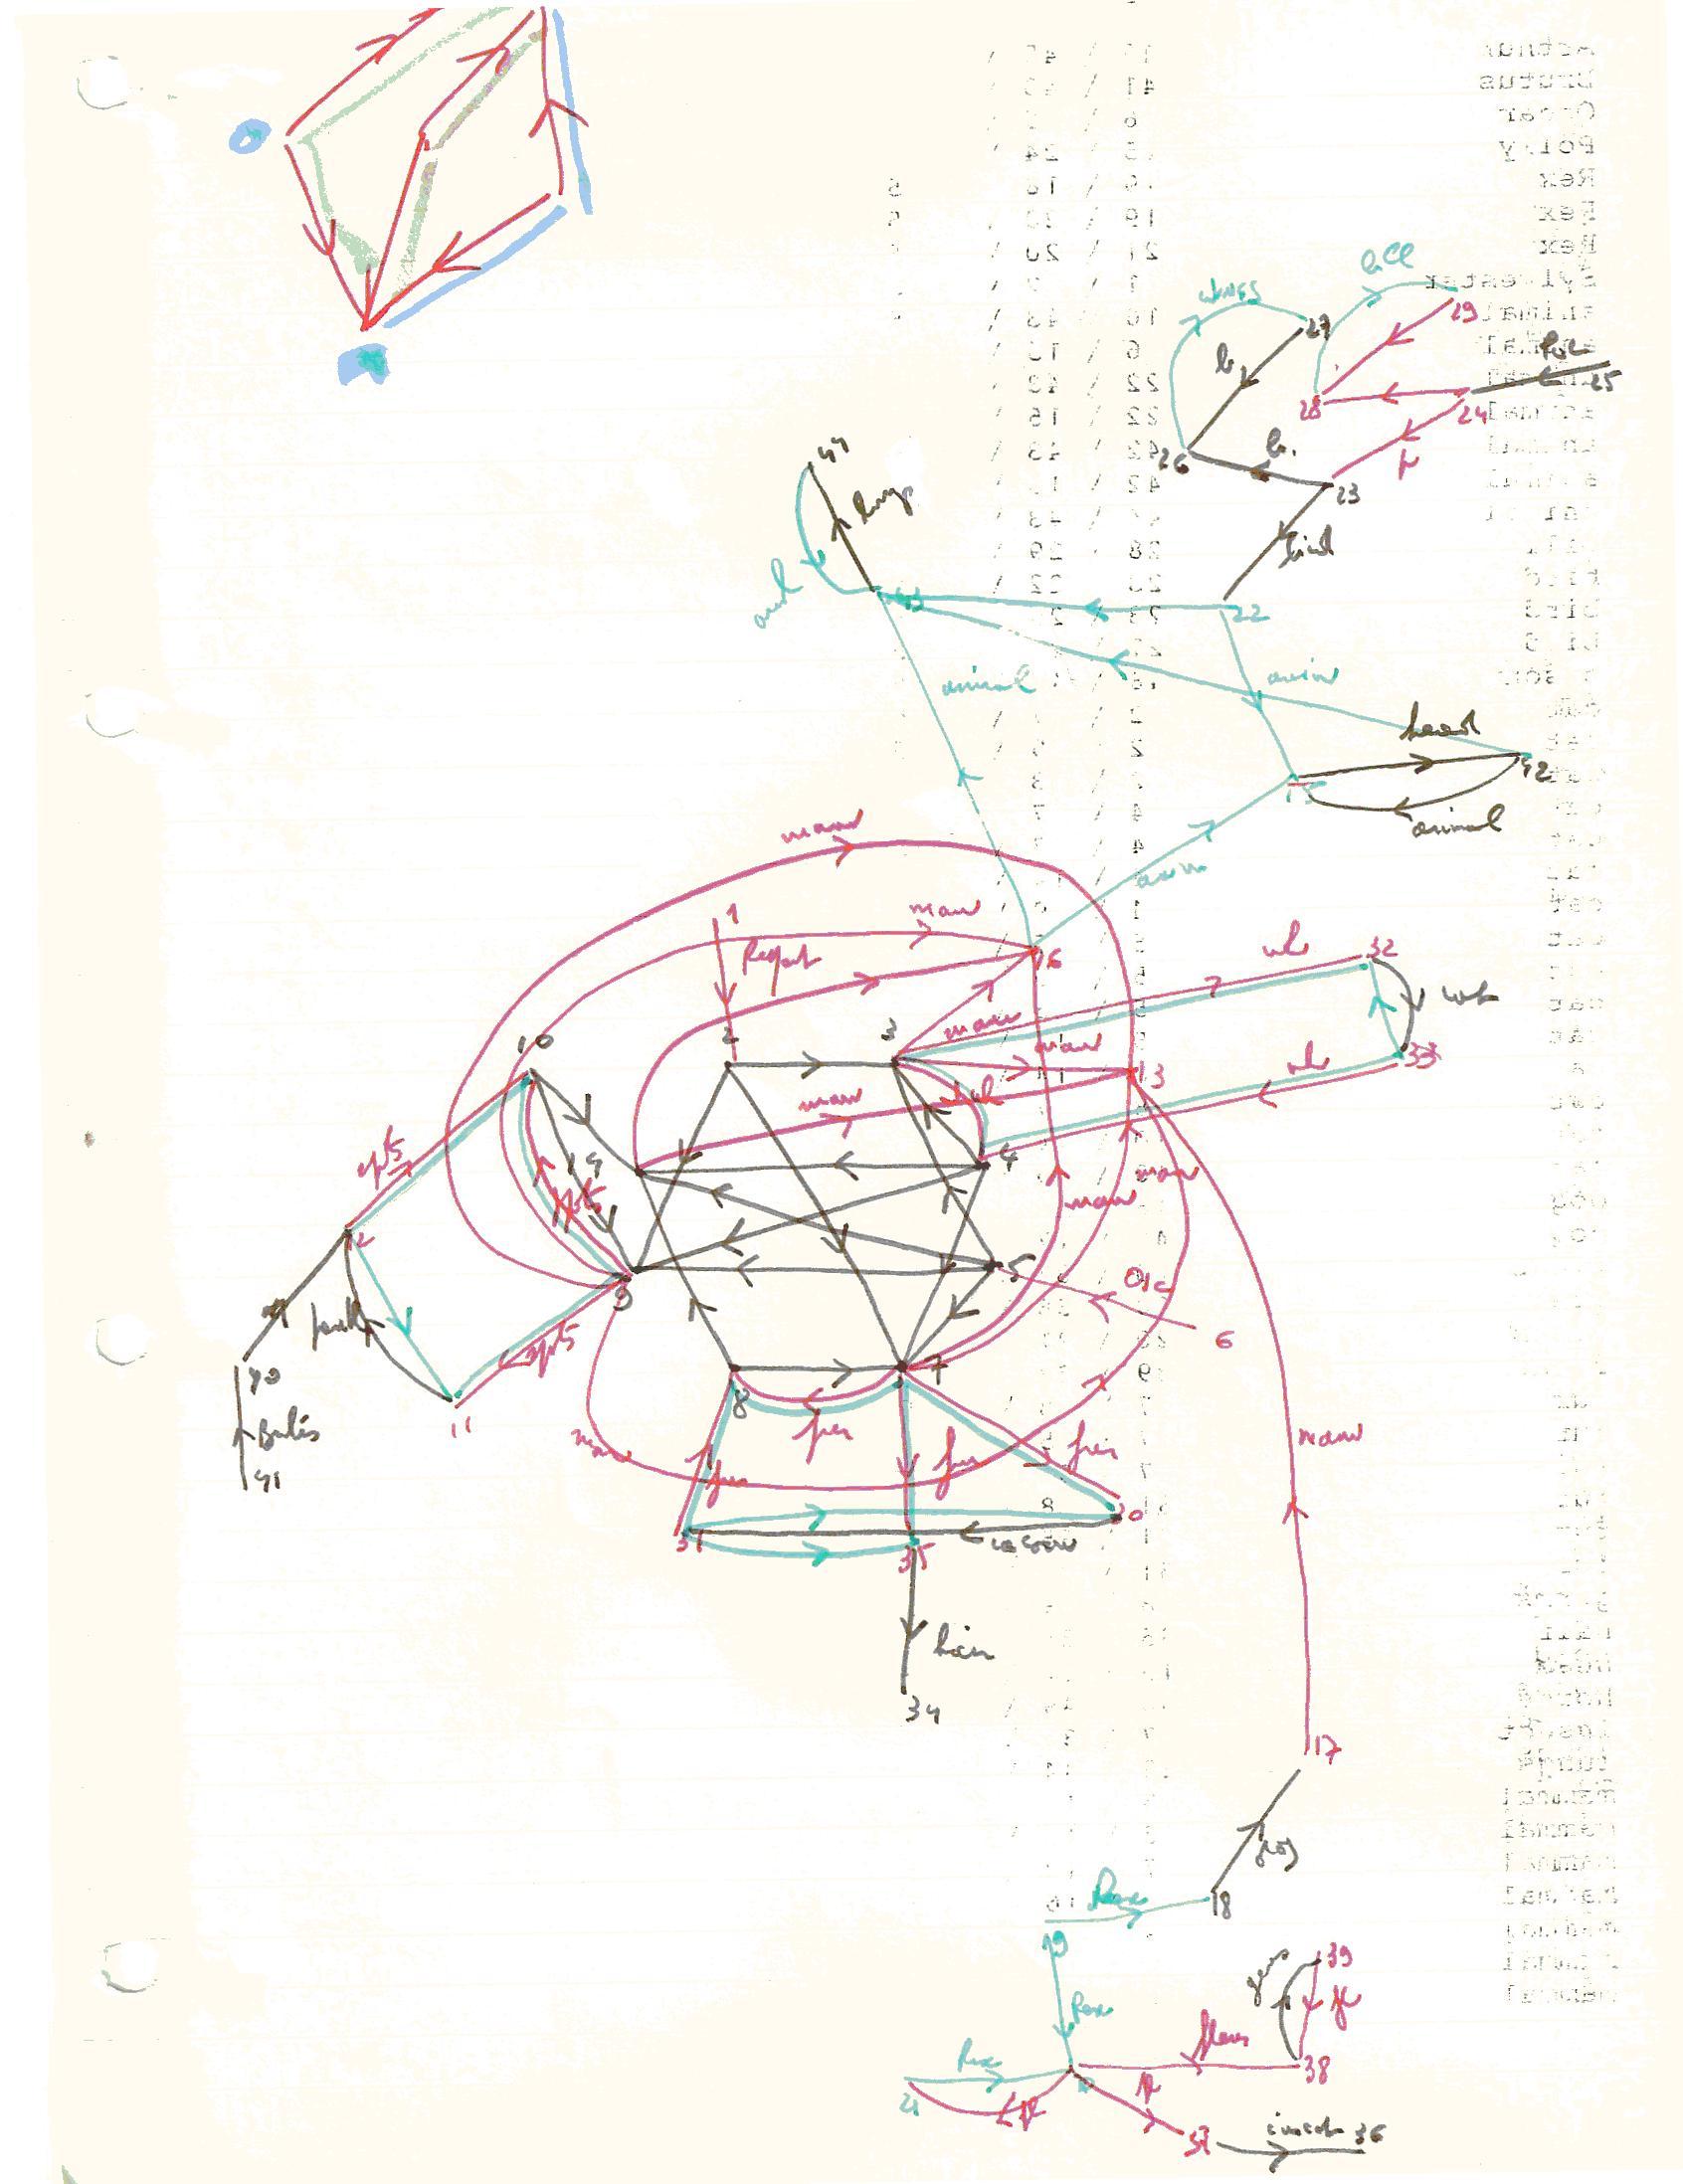 ANELLA Network